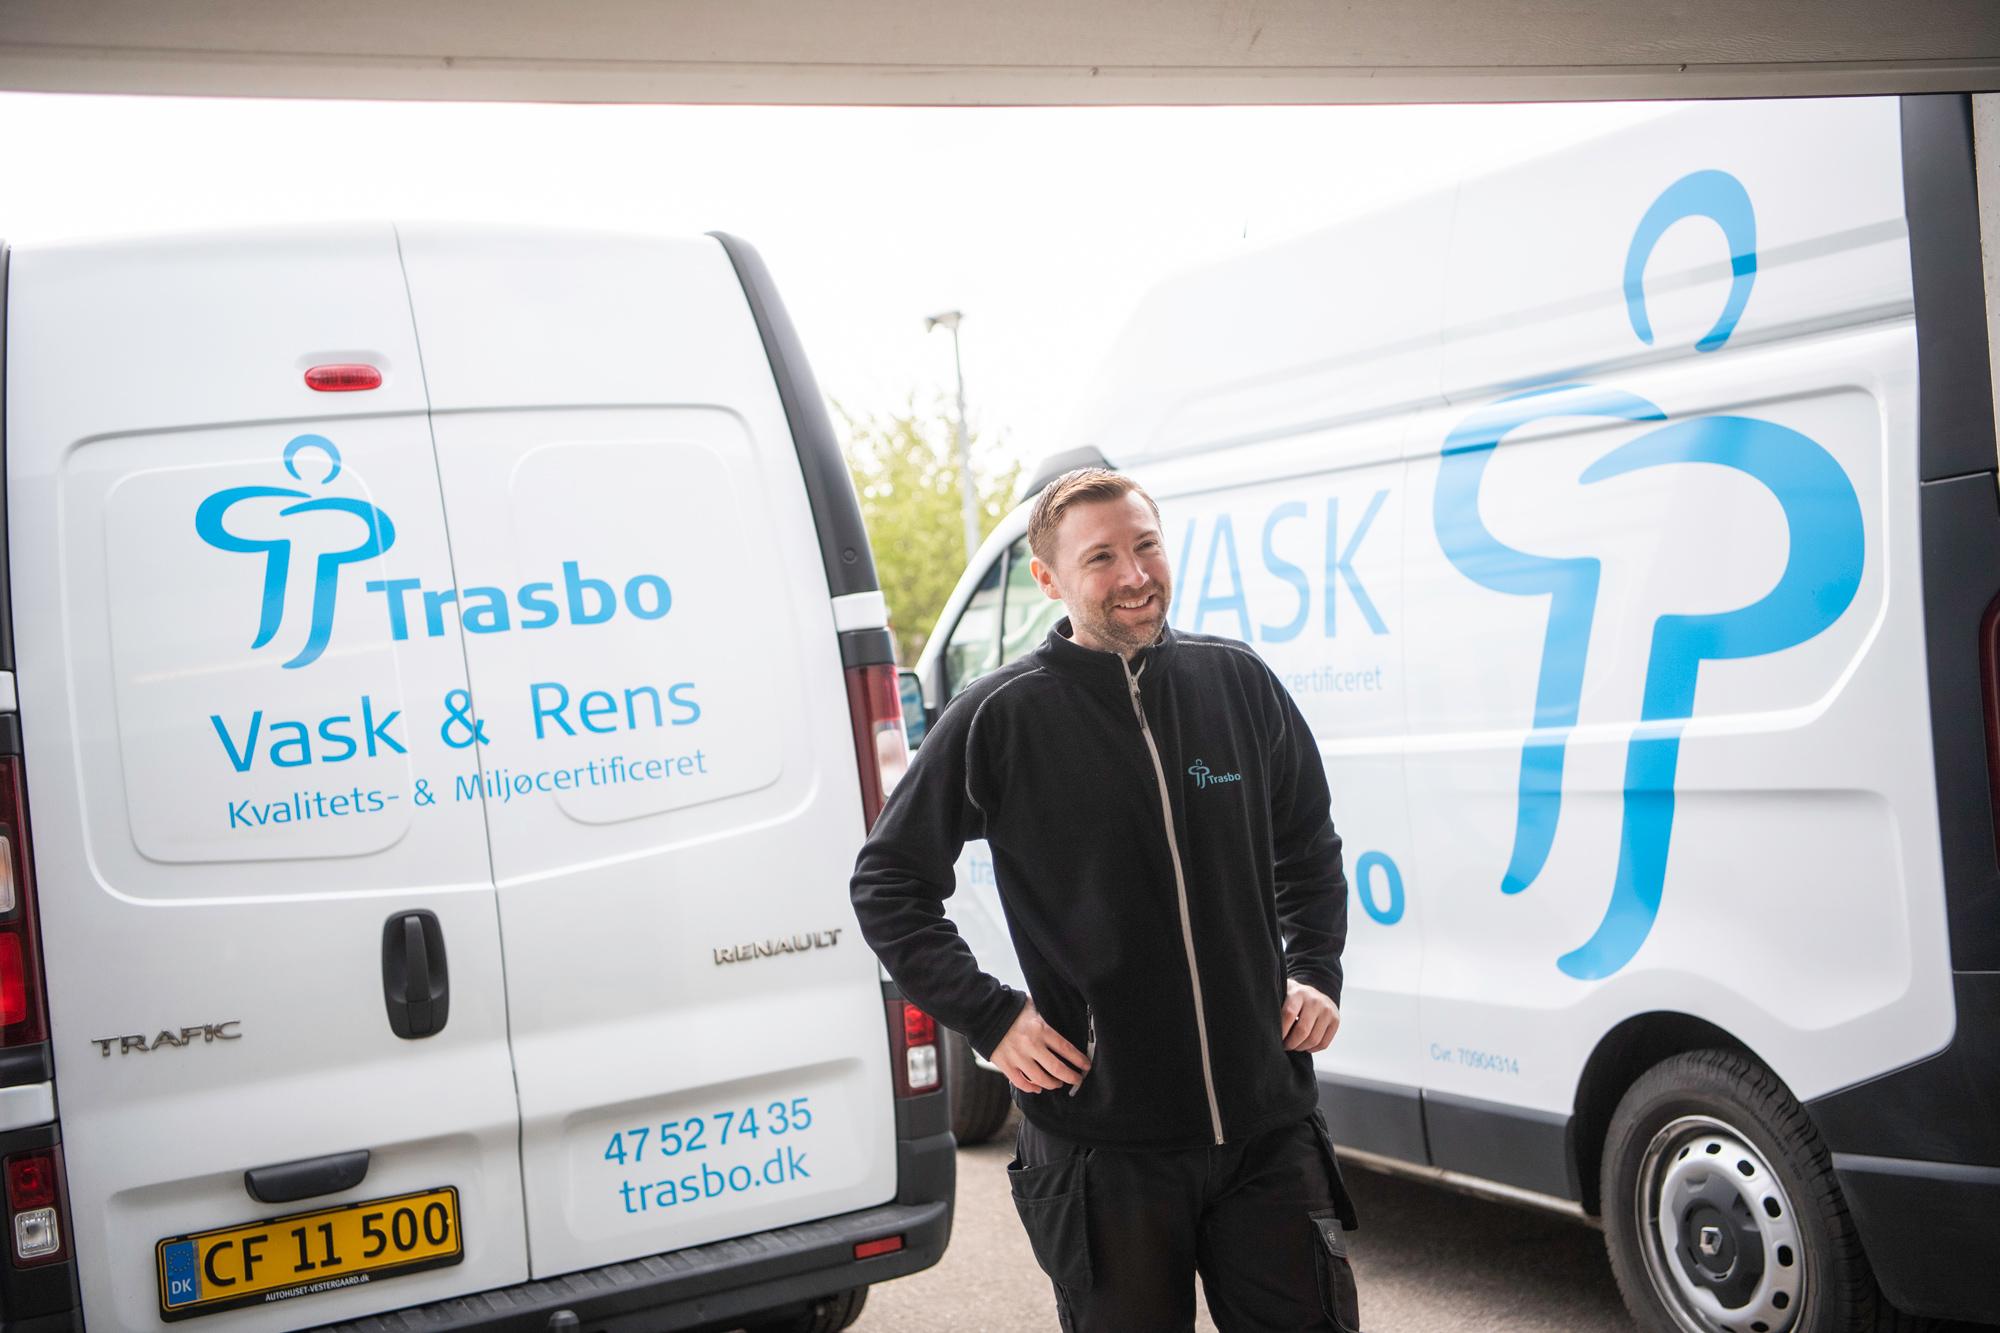 Trasbo indgår samarbejde med Lyngby Taarbæk Kommune